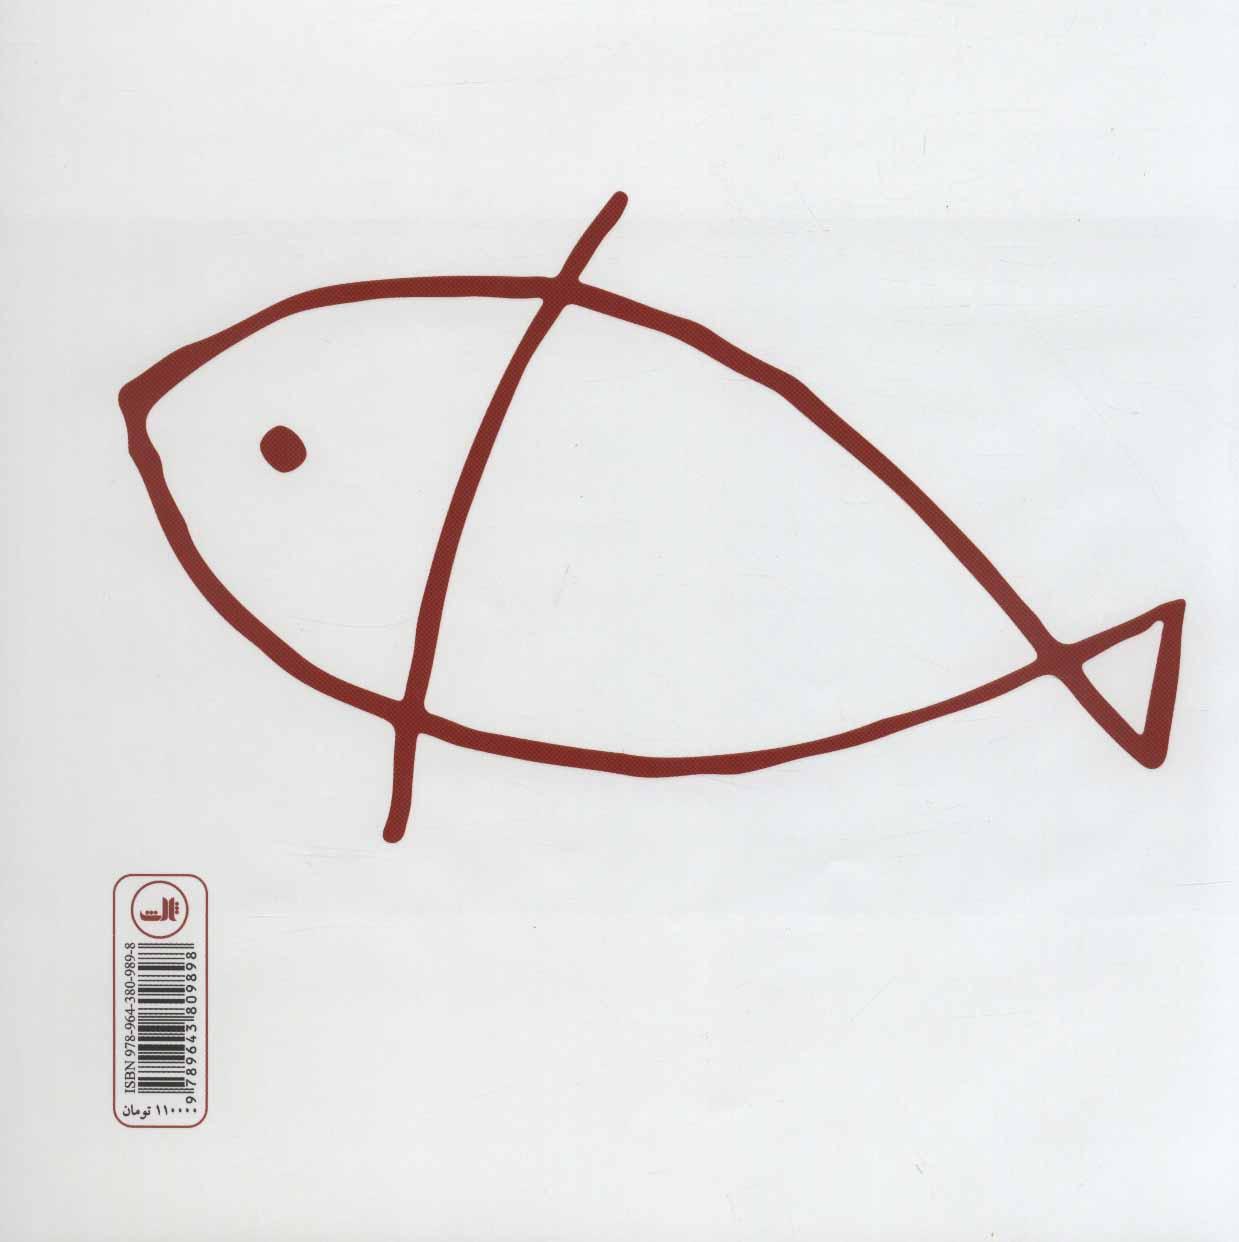 هر رازی که فاش می کنی یک ماهی قرمز می میرد